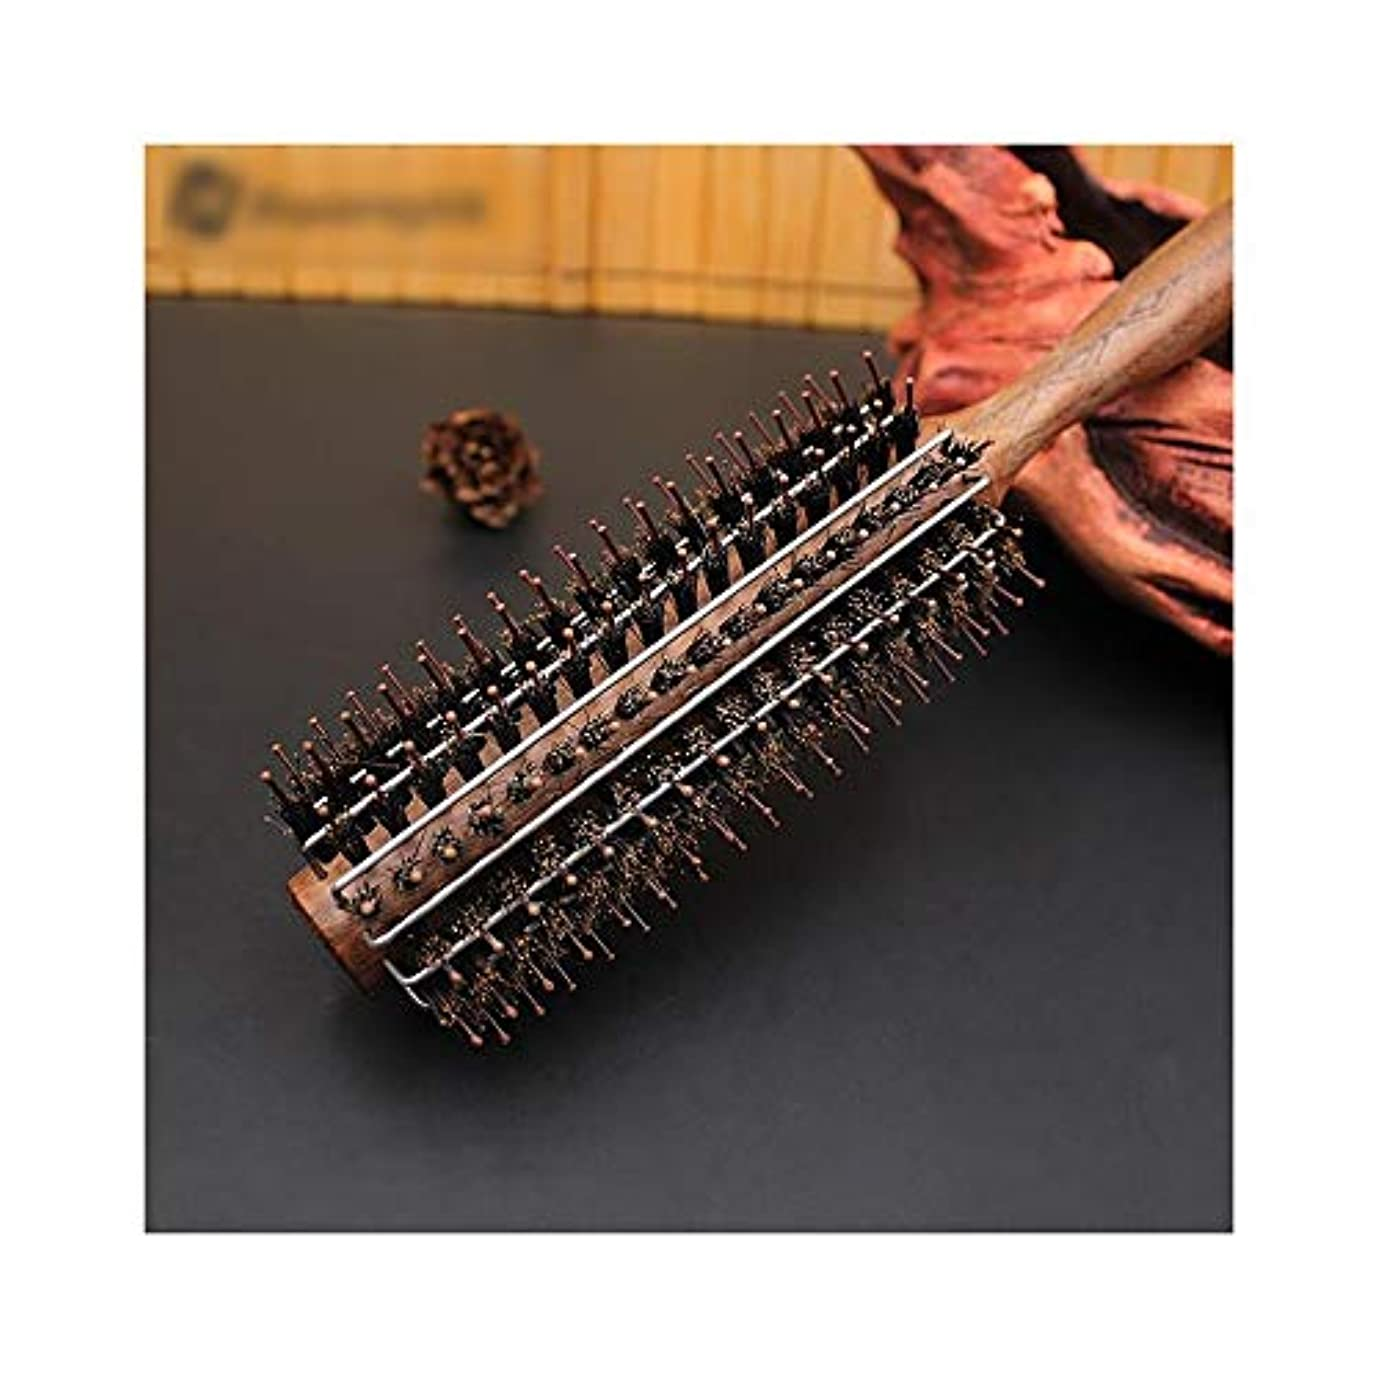 必要ないパネル協力する新ブラックウォルナットコームウッドローリングブラシ、静電気防止カーリーヘアくしハンドル ヘアケア (サイズ : M)